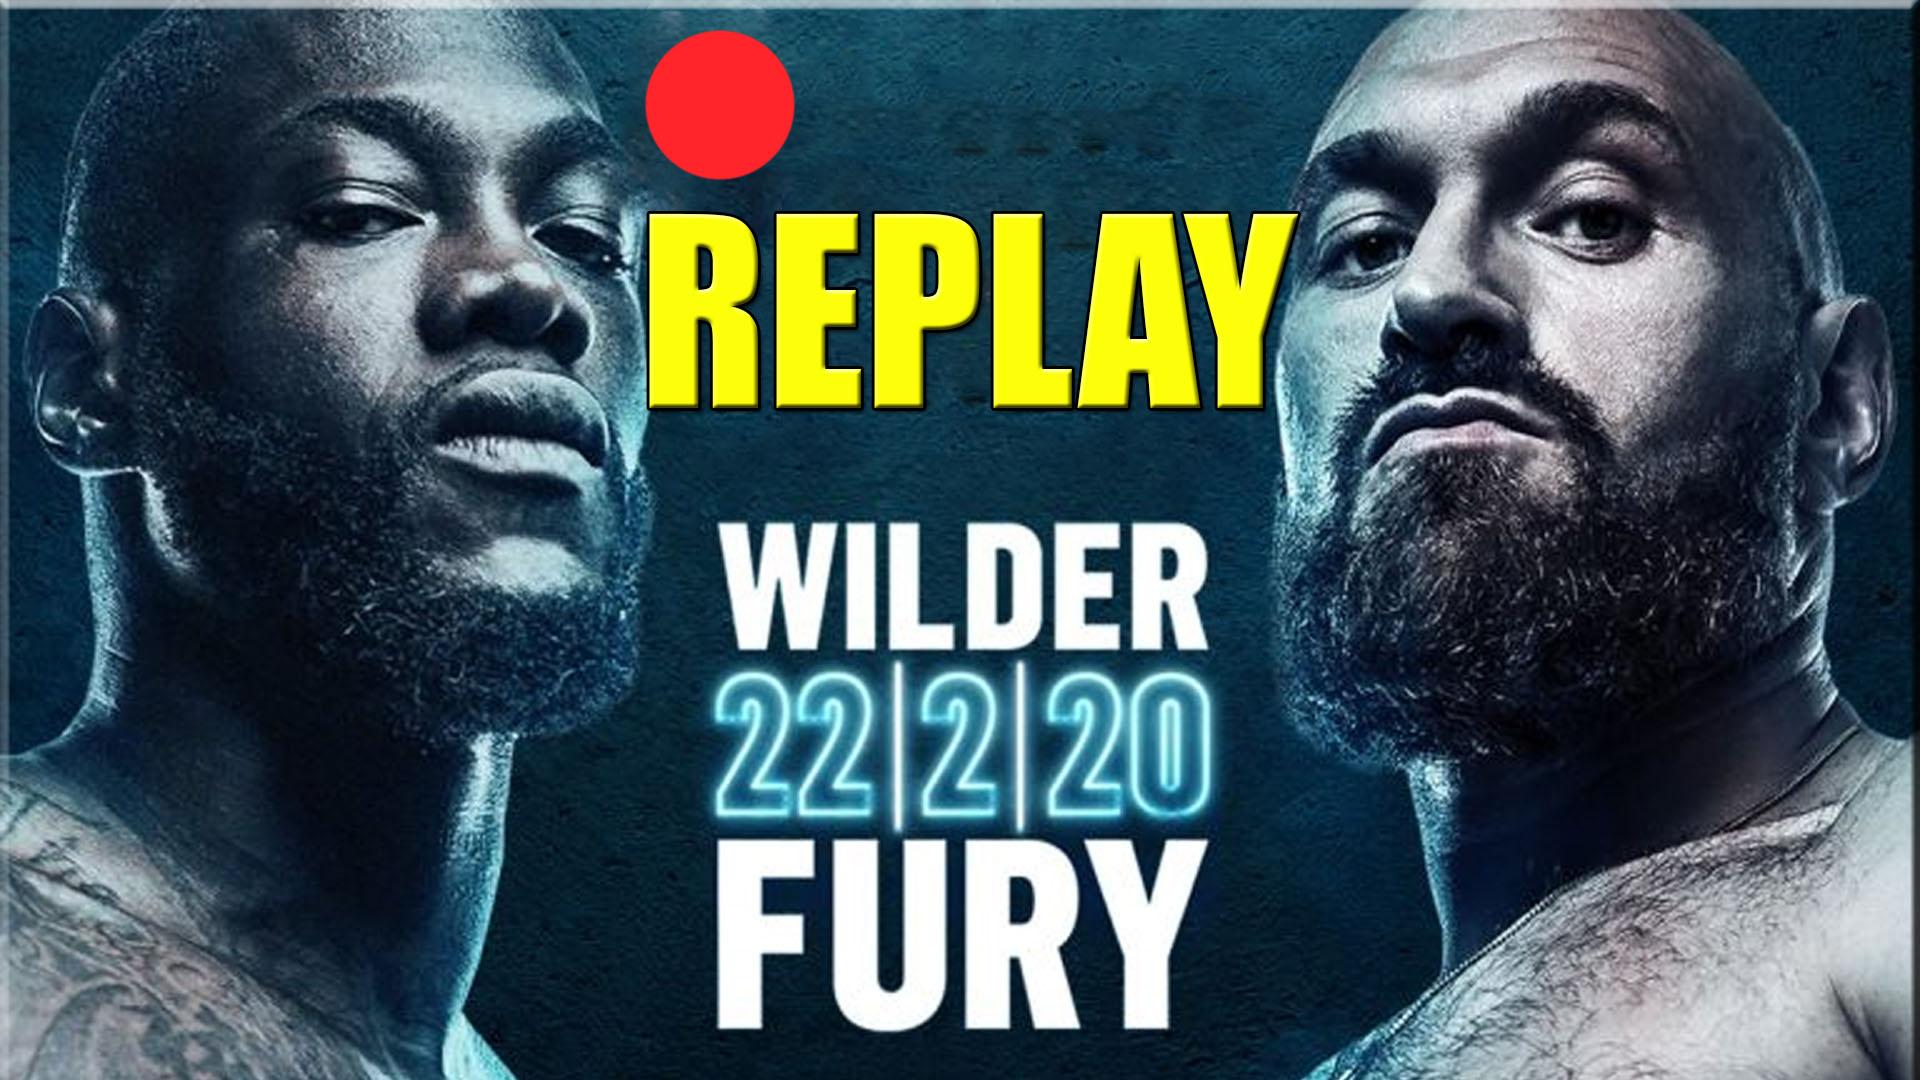 Wilder Fury 2 Replay